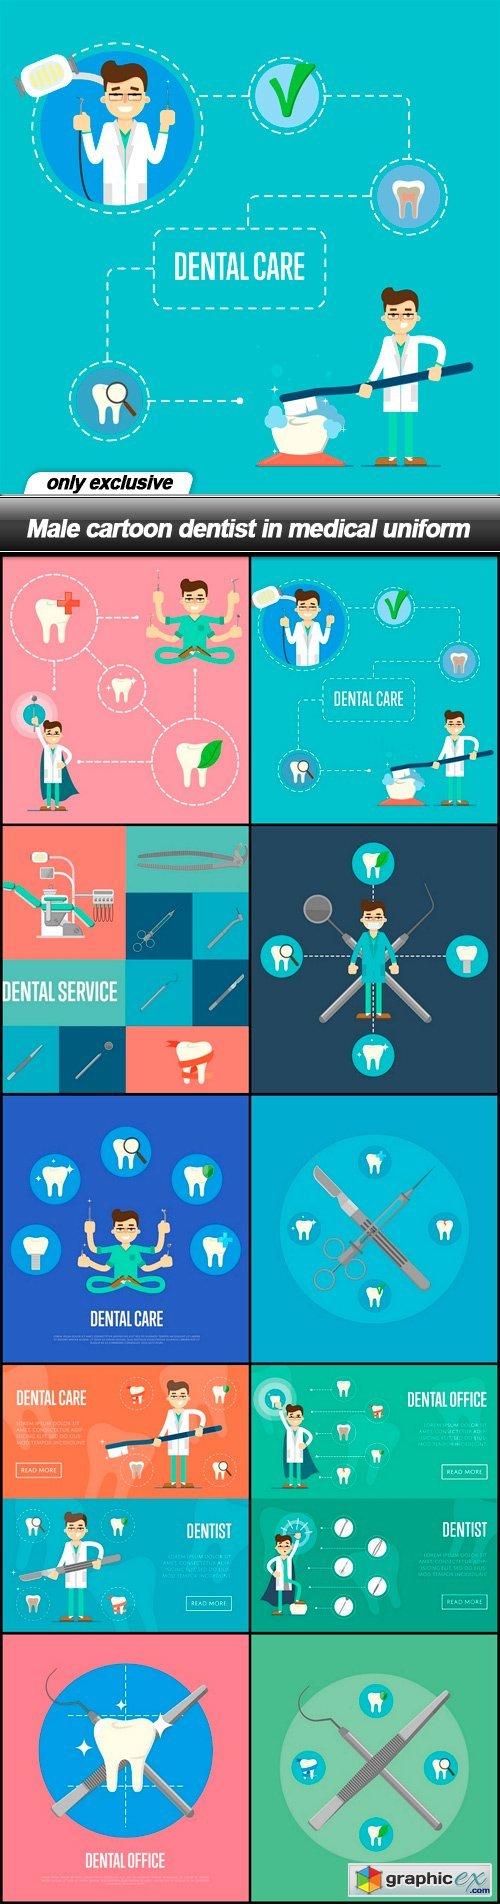 تصاميم طبية شخصية طبيب أسنان كرتونية Male Cartoon Dentist In Medical Uniform 25 Eps Map Kareem Poster